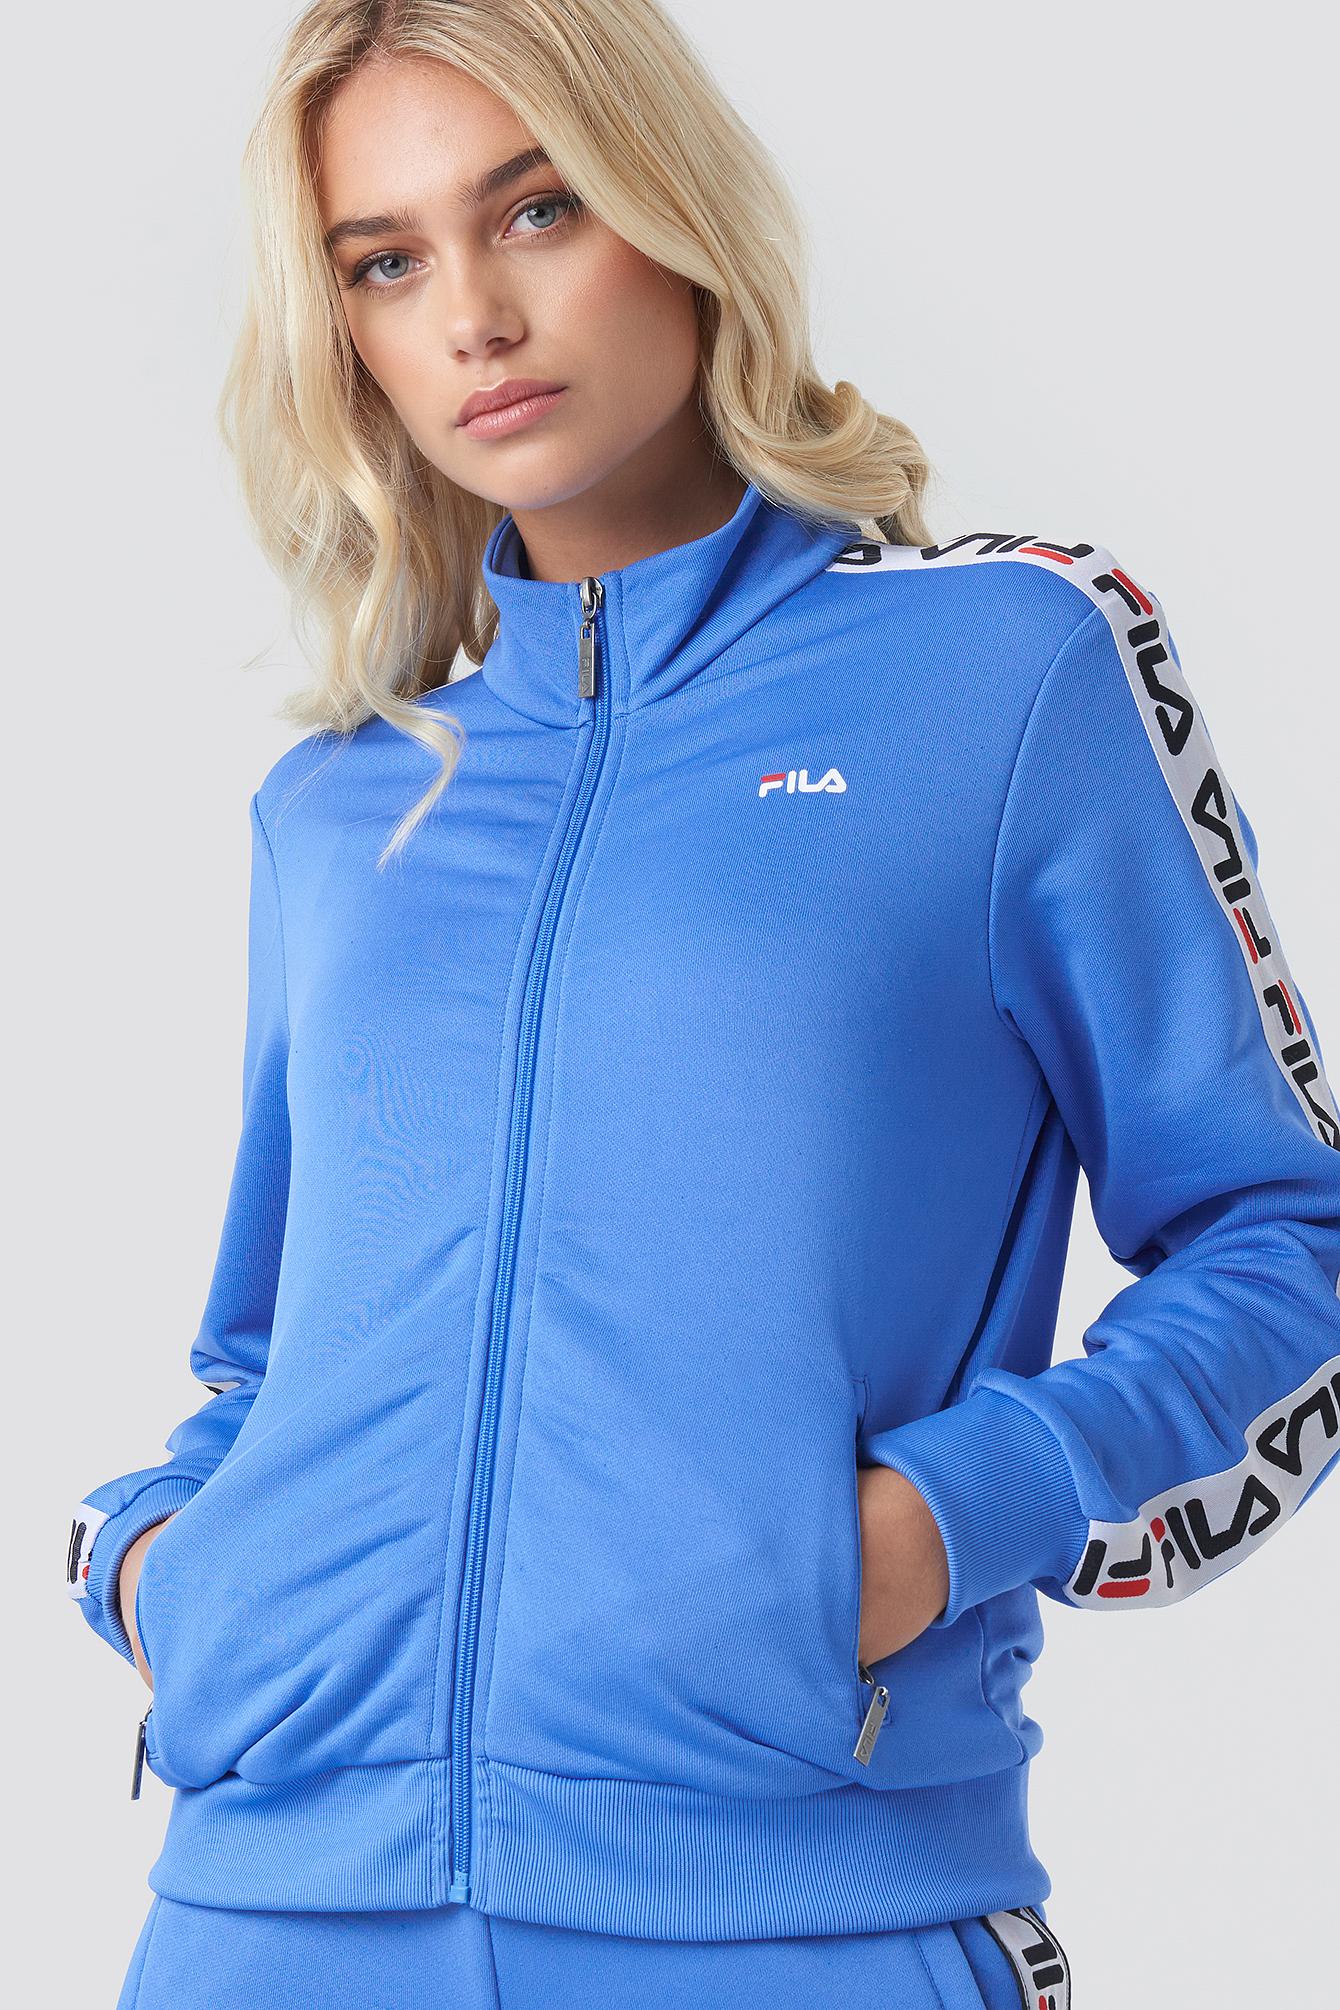 Talli Track Jacket NA-KD.COM